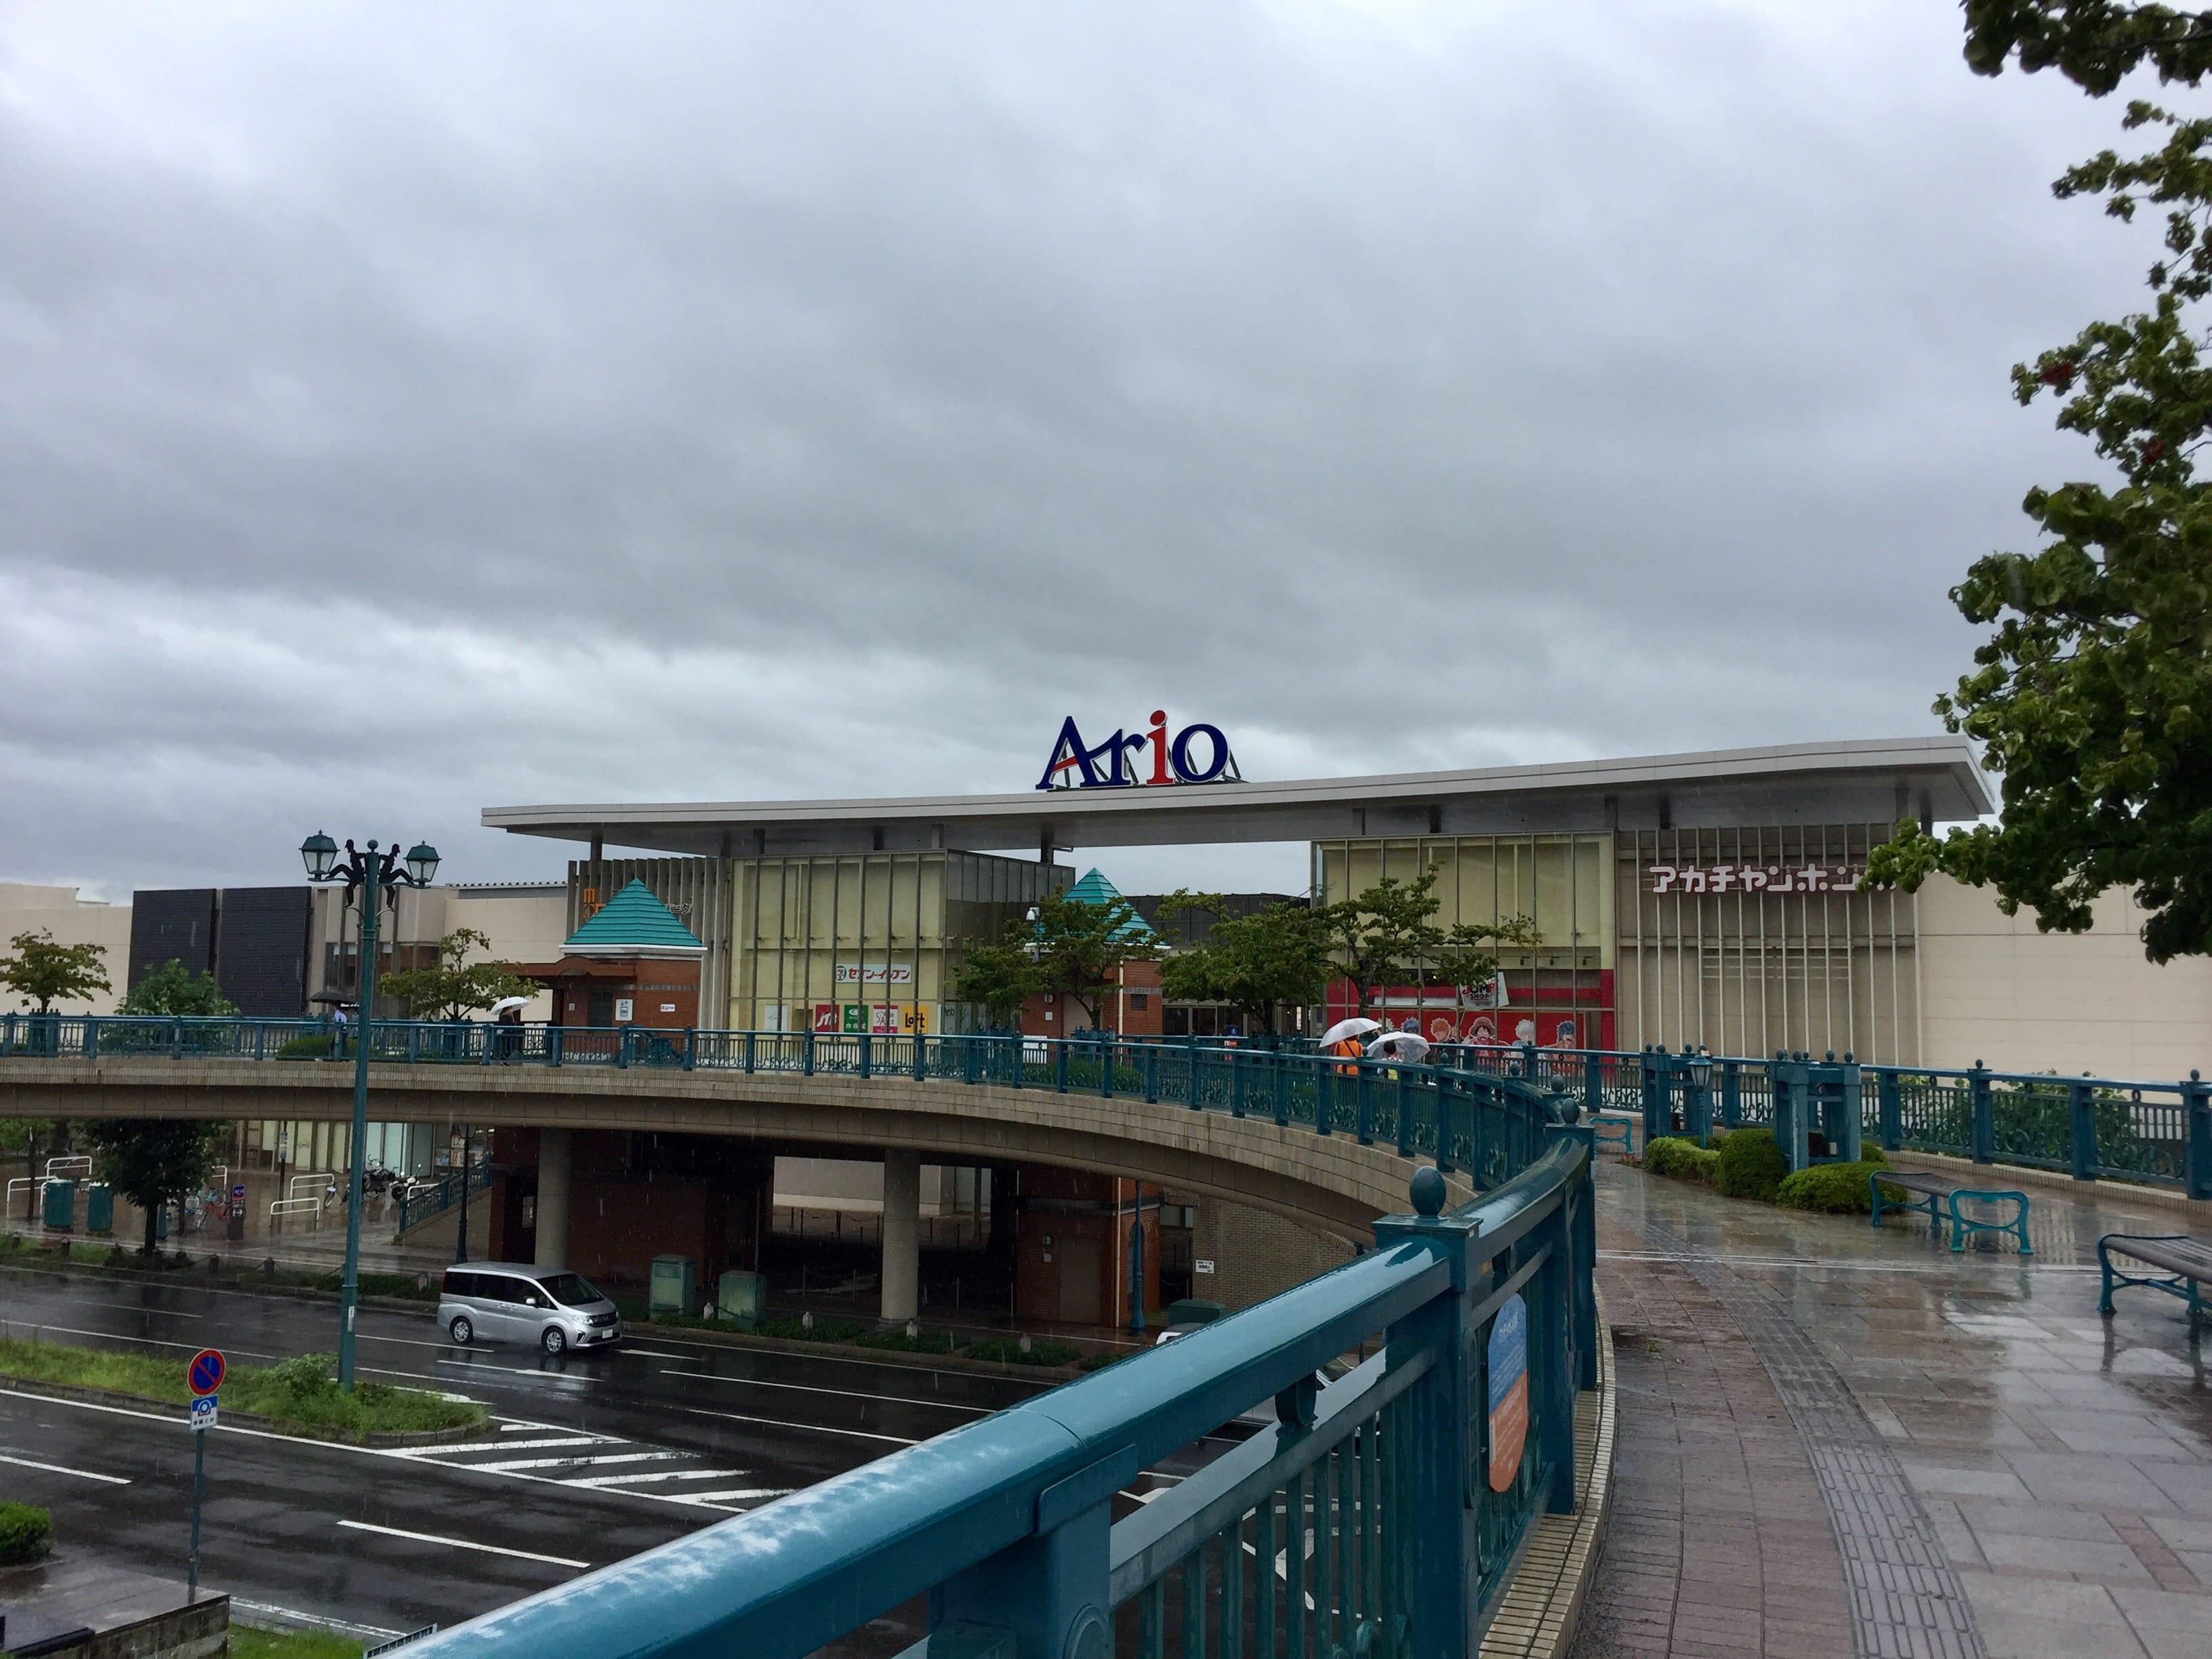 Ario Kurashiki Shopping Centre